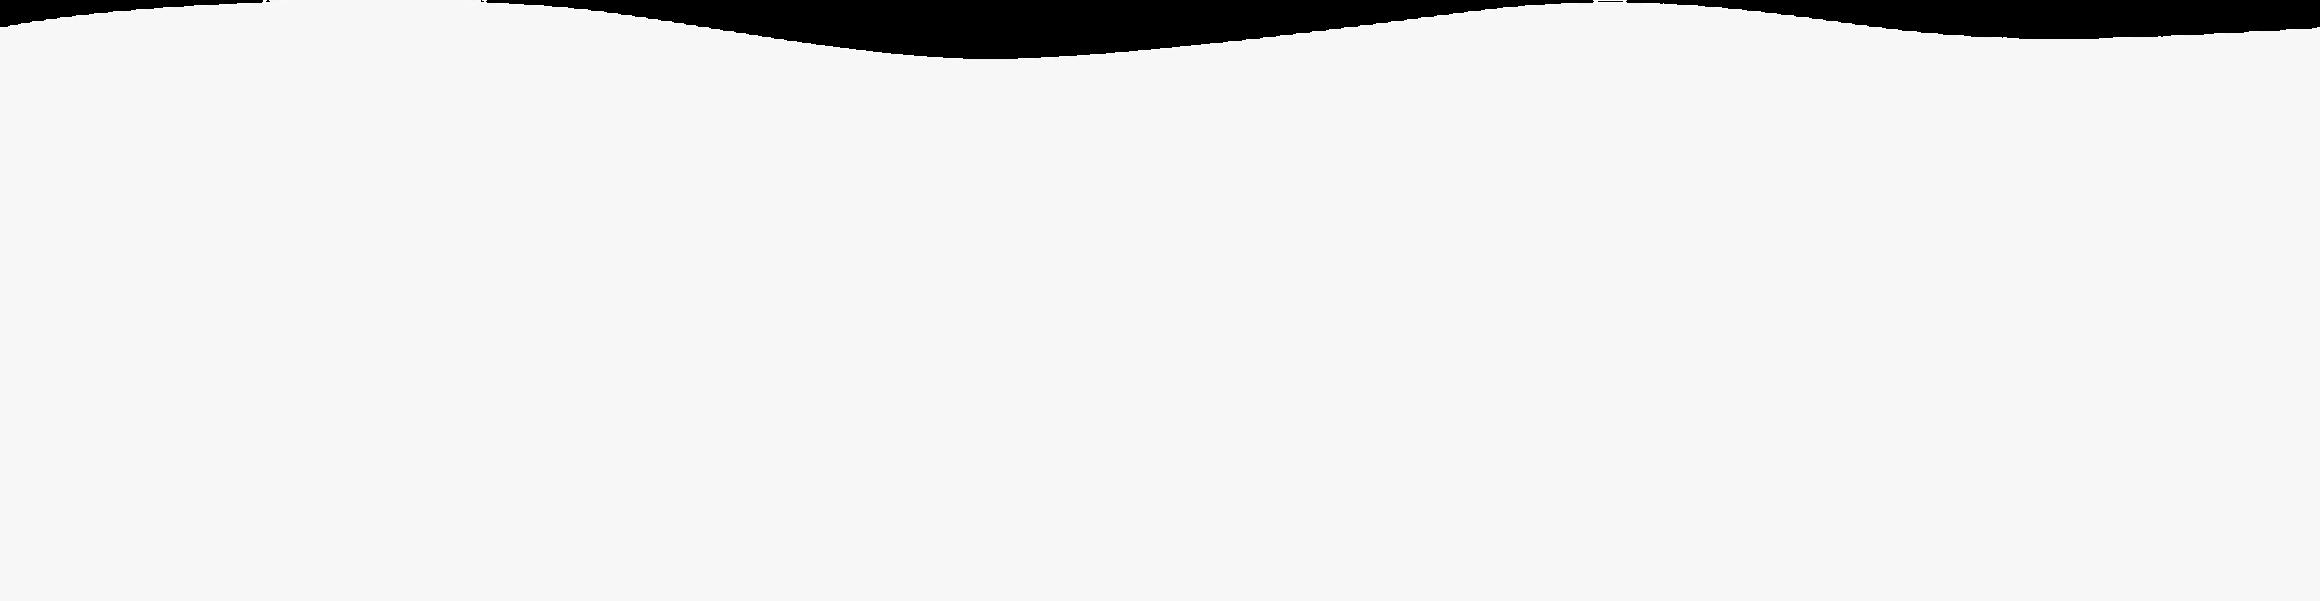 物件案内トップ背景